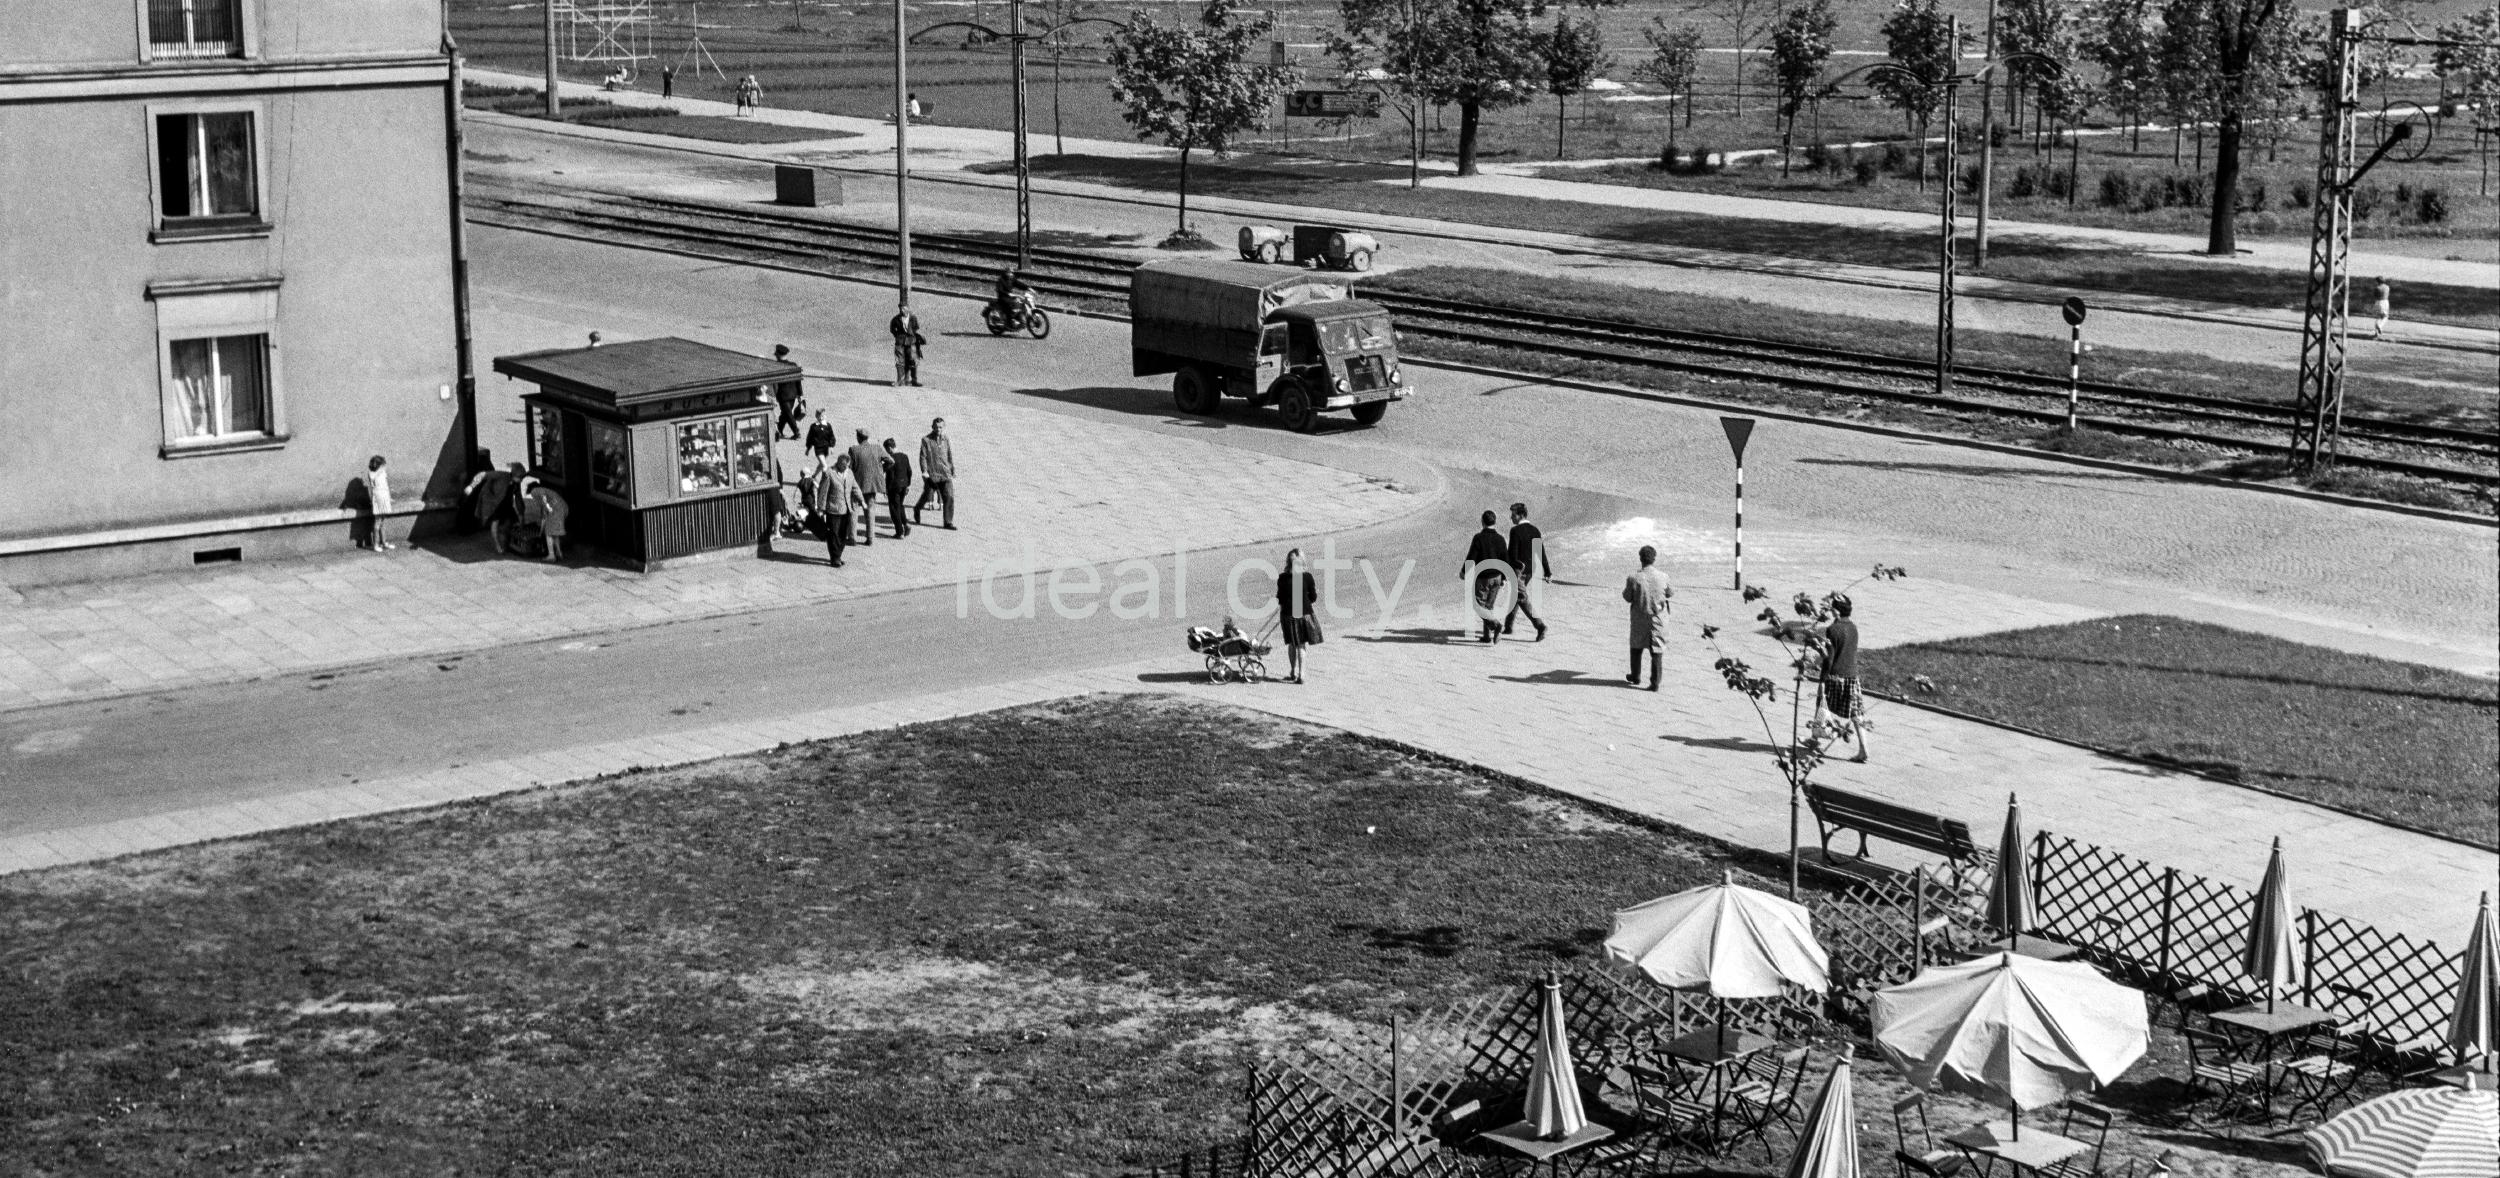 Ujęcie z okna ruch przed blokiem, widoczny kiosk ruch, parasole kawiarni, samochody, piesi na chodniku.